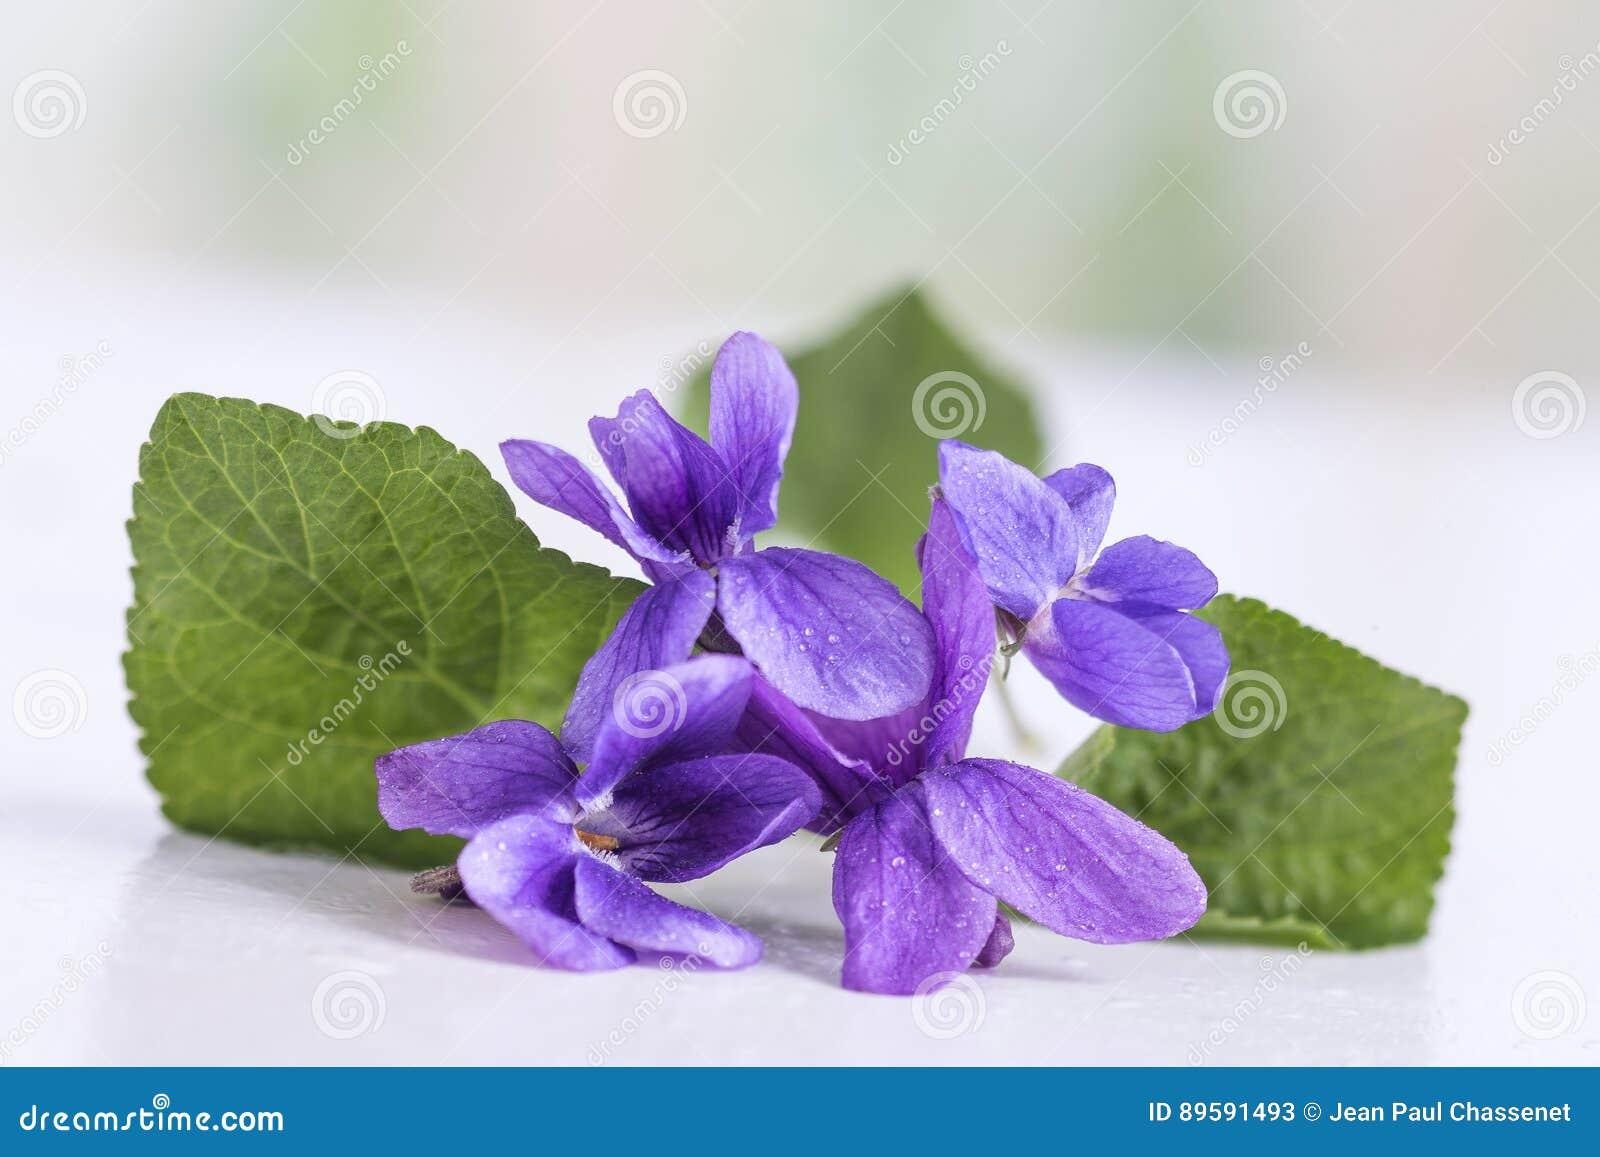 fleur violette, détail nom scientifique : odorata d'alto i image